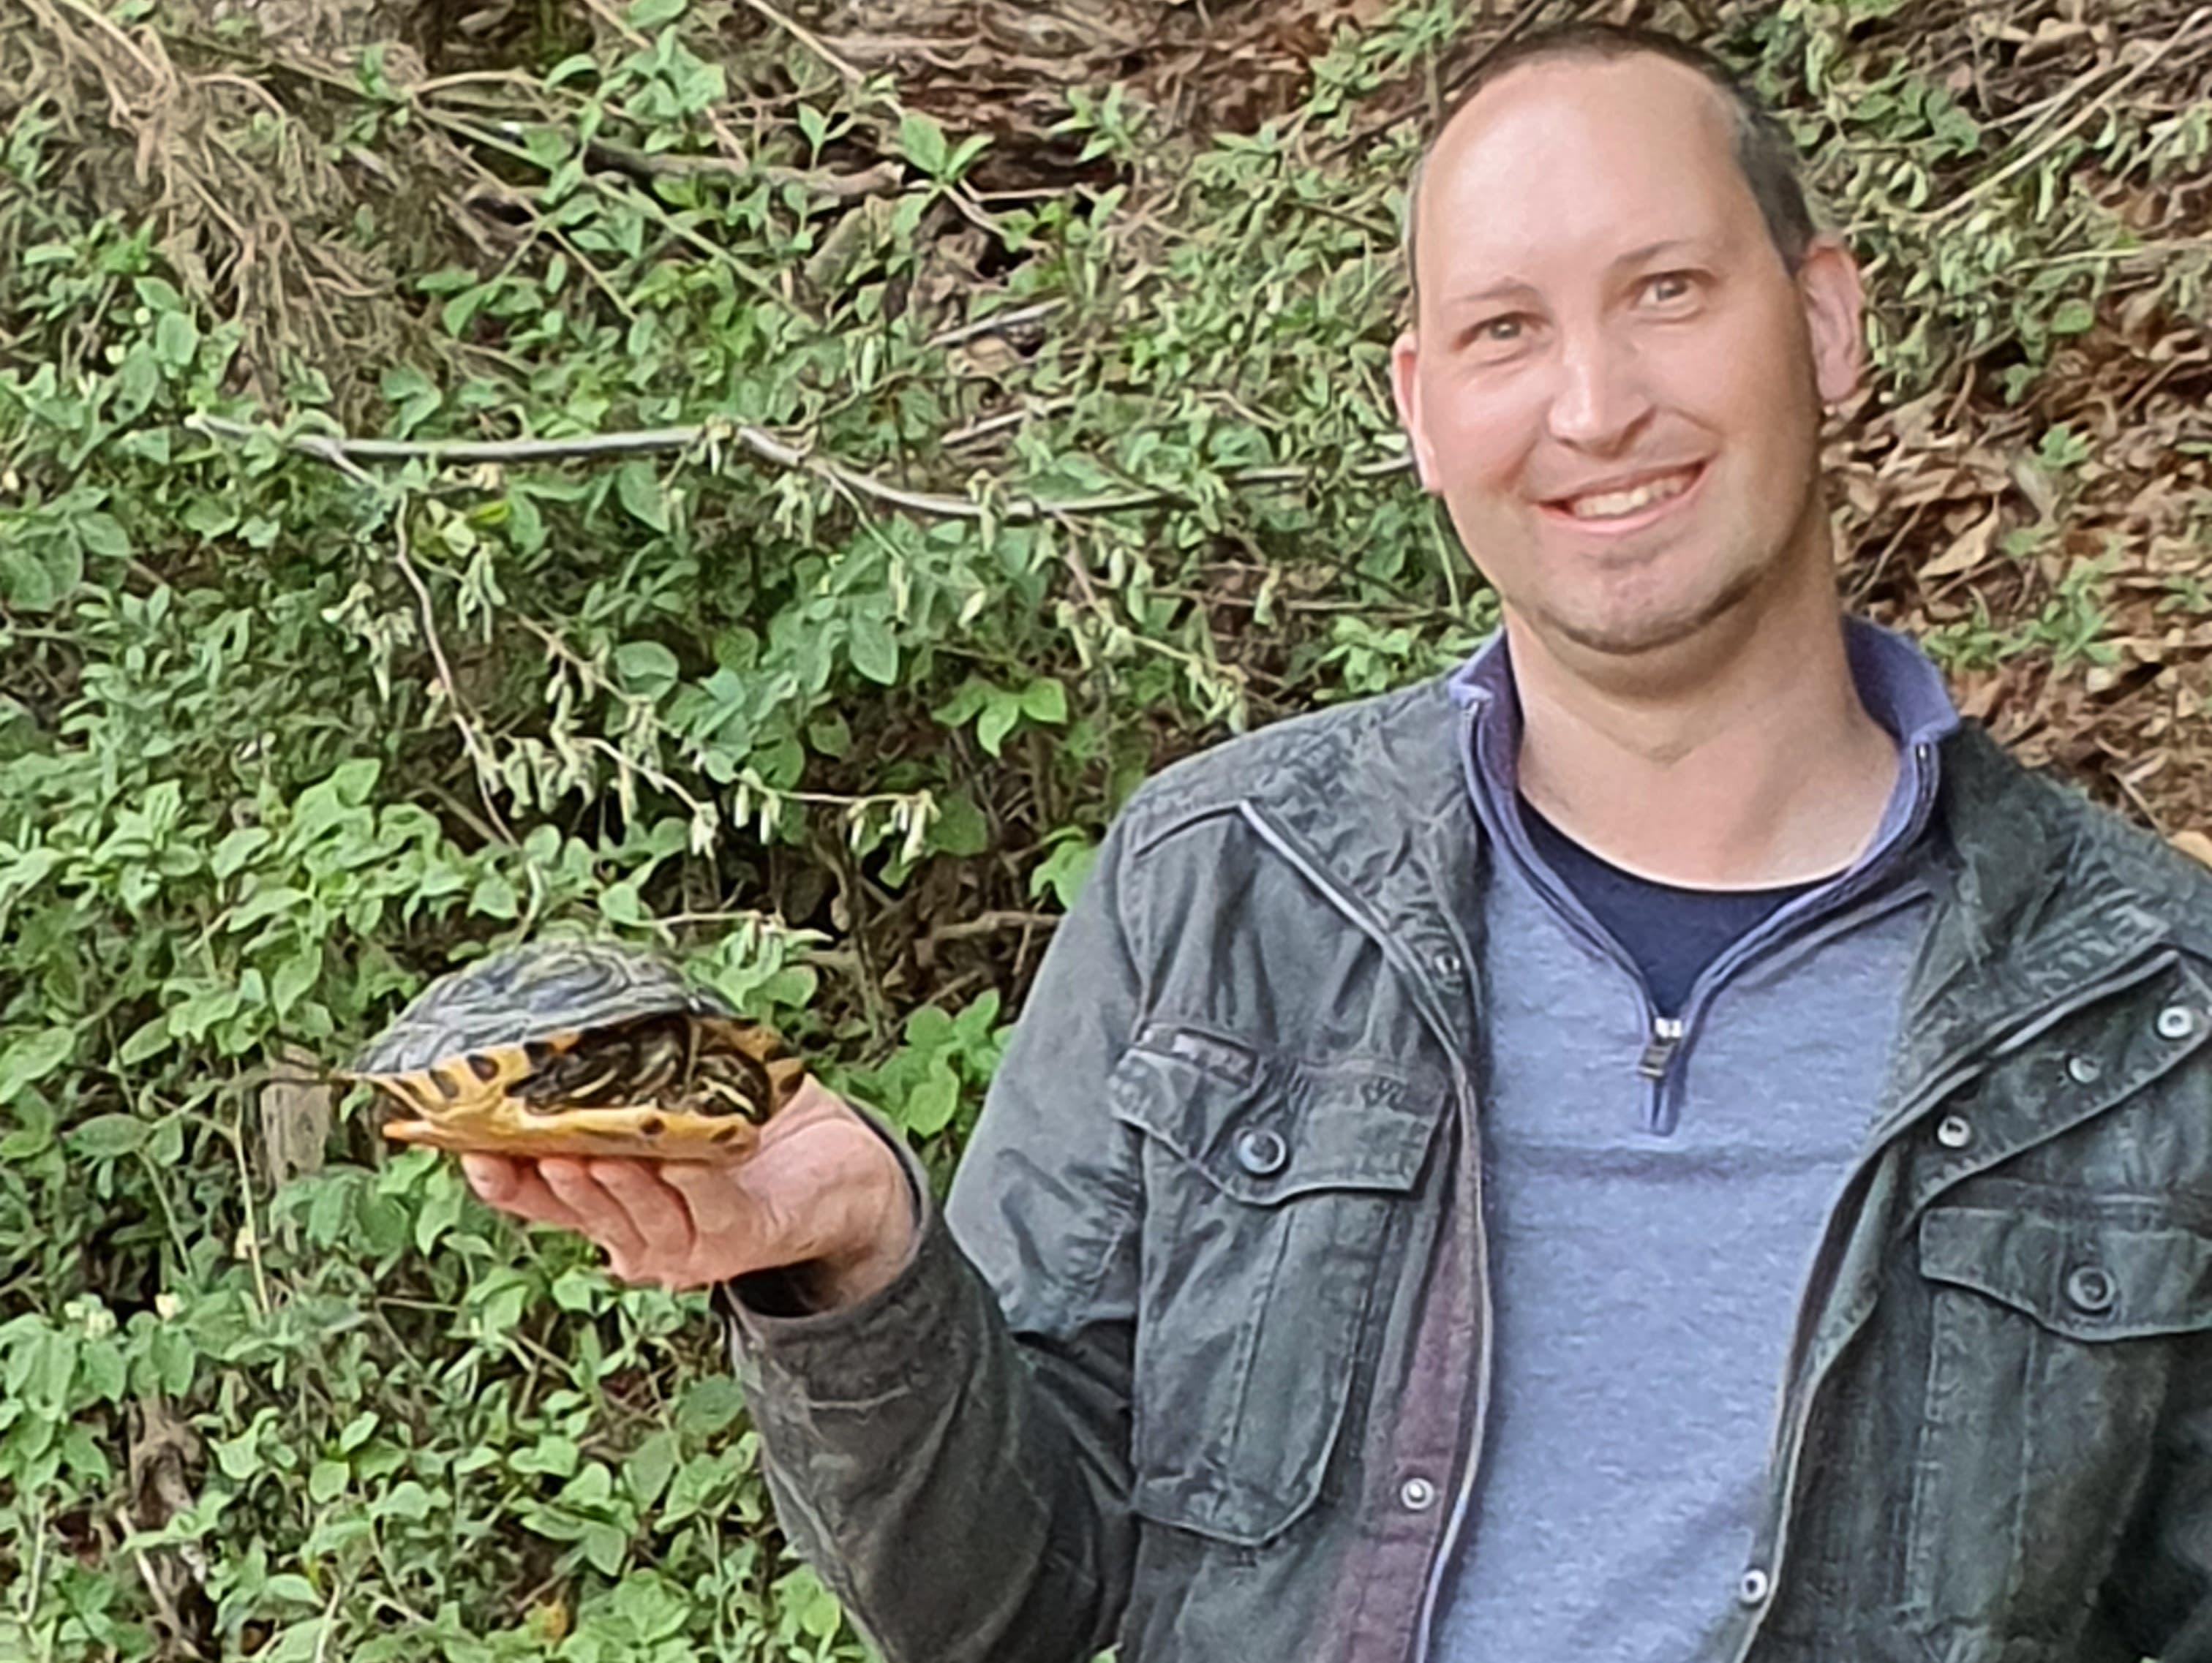 Andreas Dudli mit der gefangenen Gelbwangen-Schildkröte.